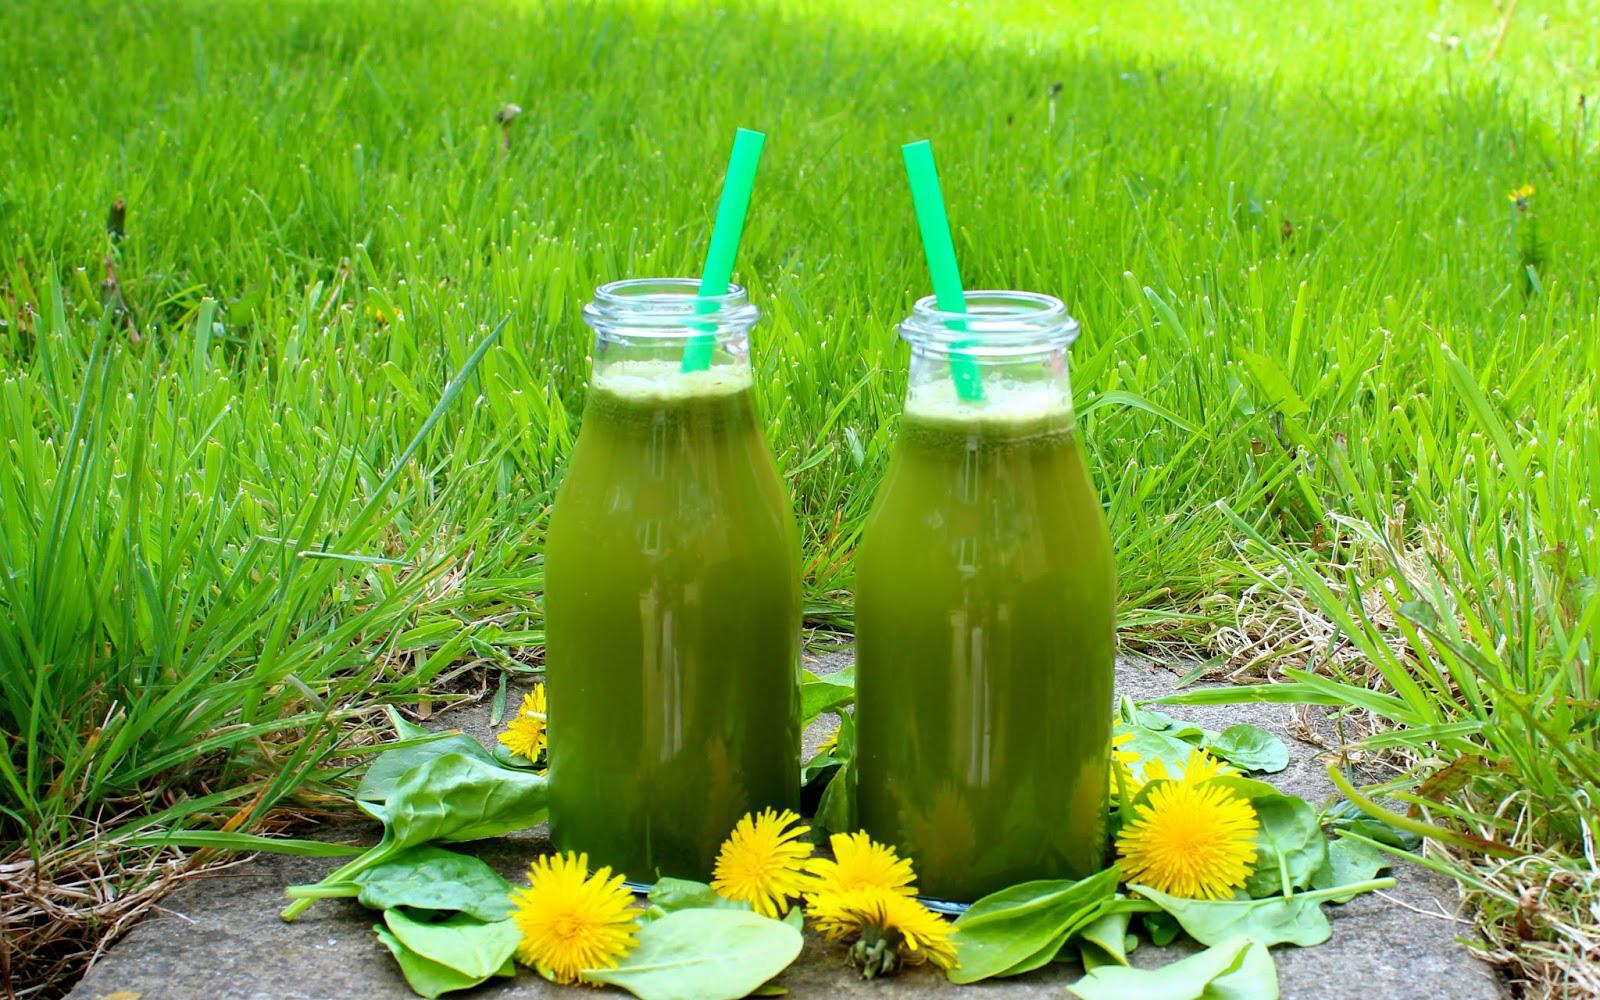 Uống đều đặn loại nước ép này mỗi ngày để tránh trầm cảm trong mùa dịch Covid-19